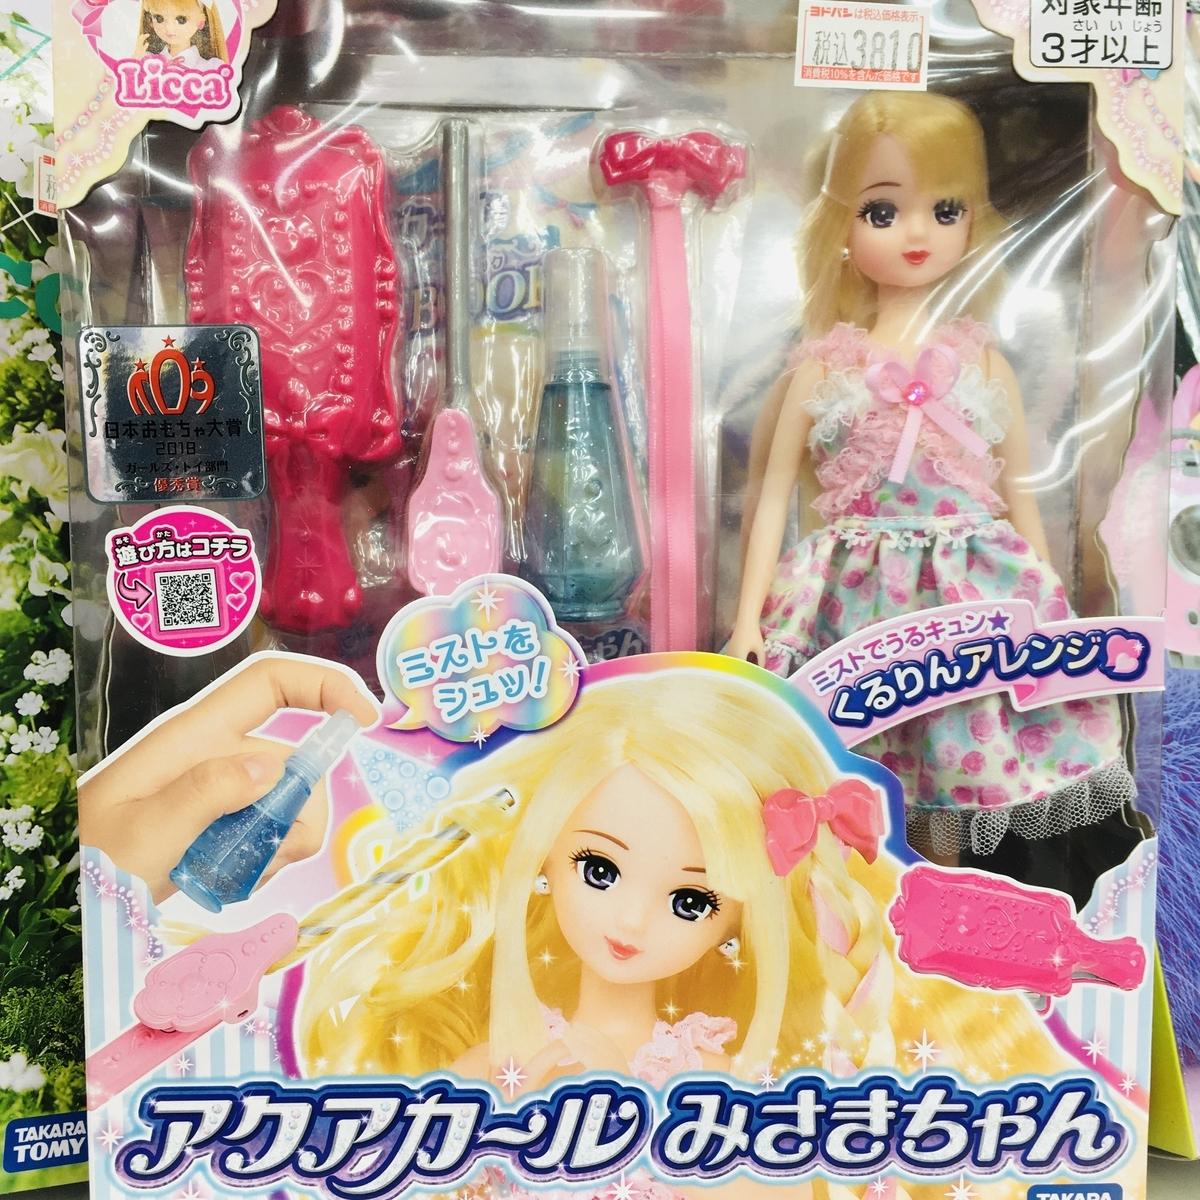 ヨドバシカメラの玩具売り場に陳列されていた「アクアカールみさきちゃん」